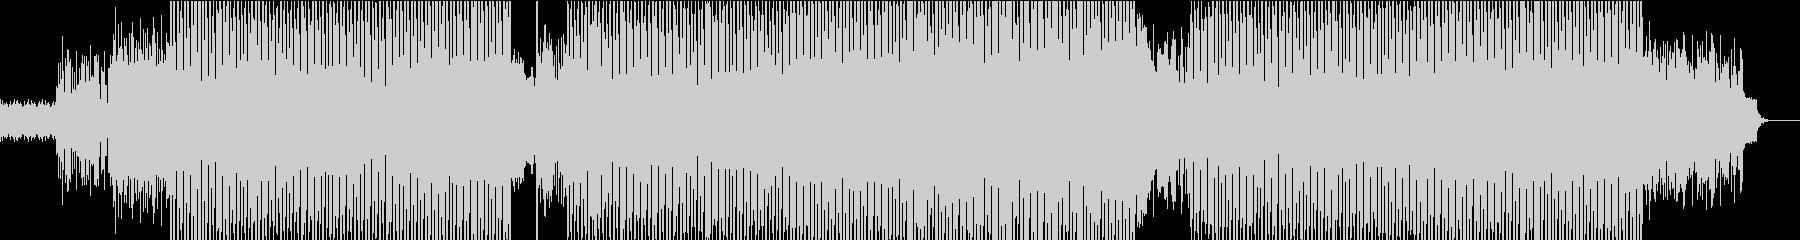 テクノポップの未再生の波形